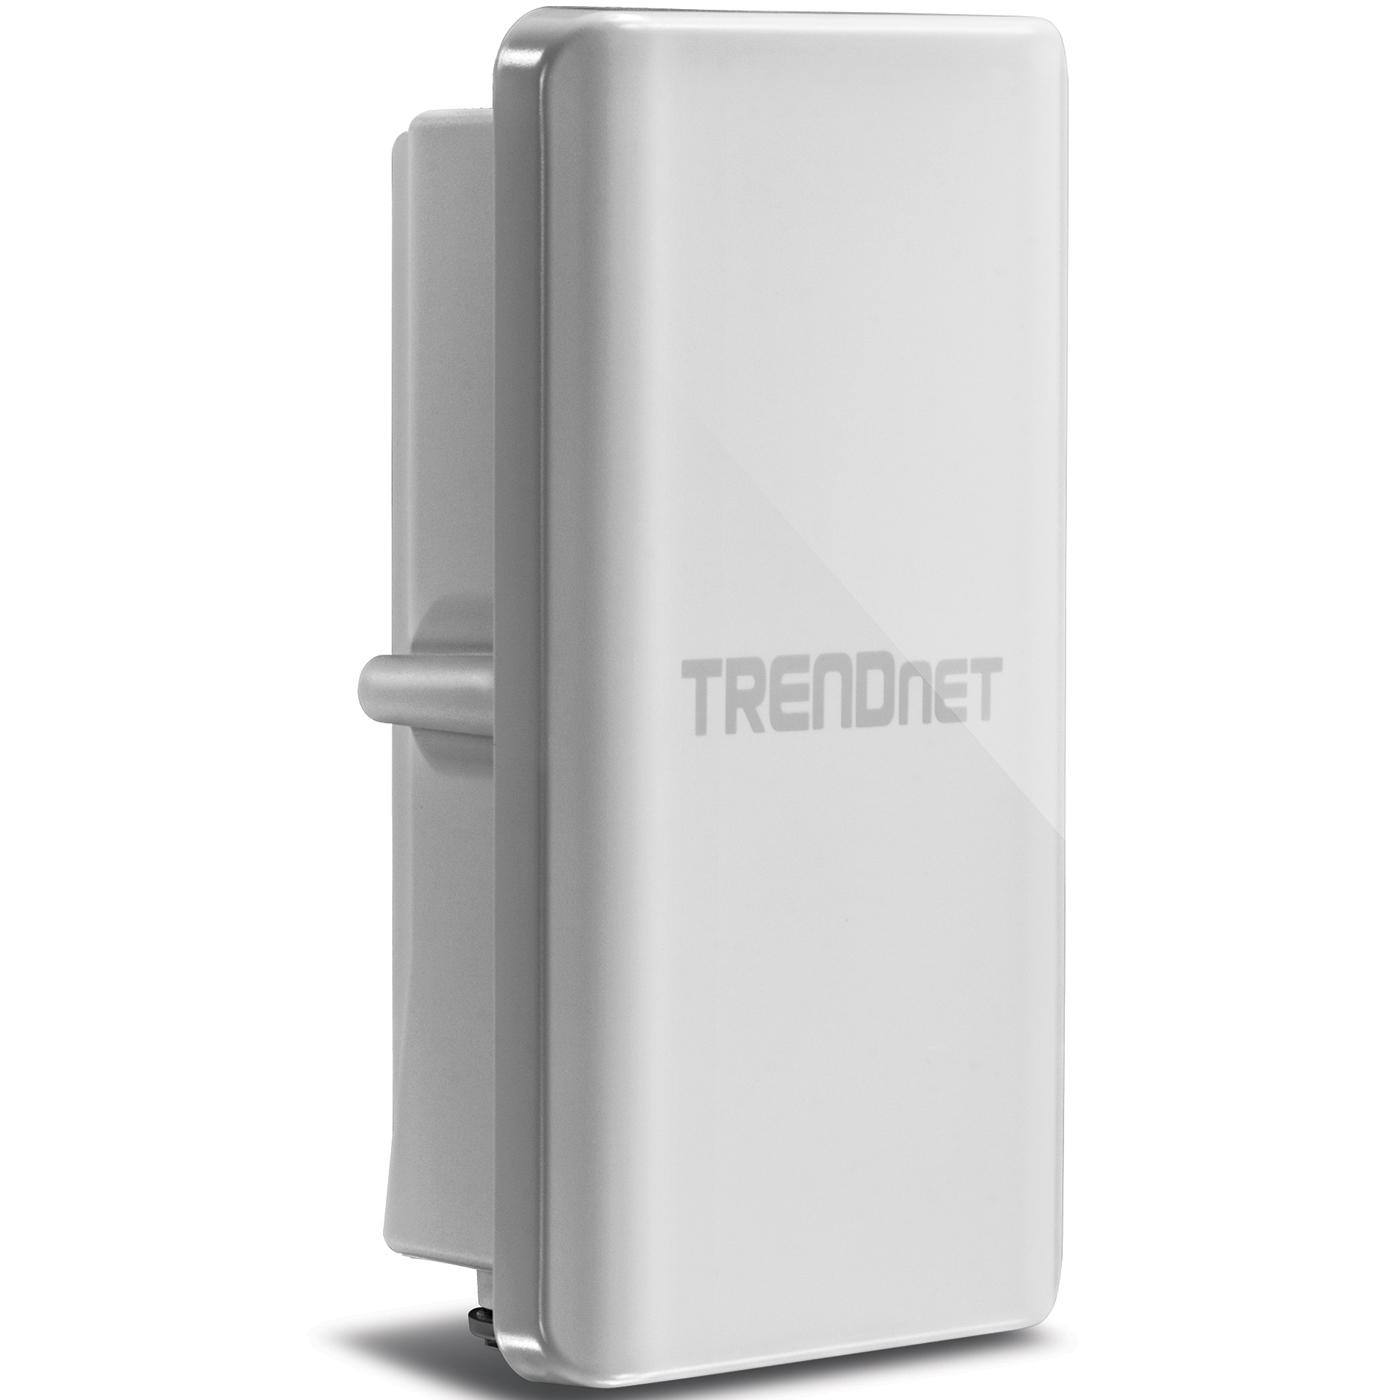 Trendnet tew 738apbo point d 39 acc s wifi trendnet sur for Point acces wifi exterieur